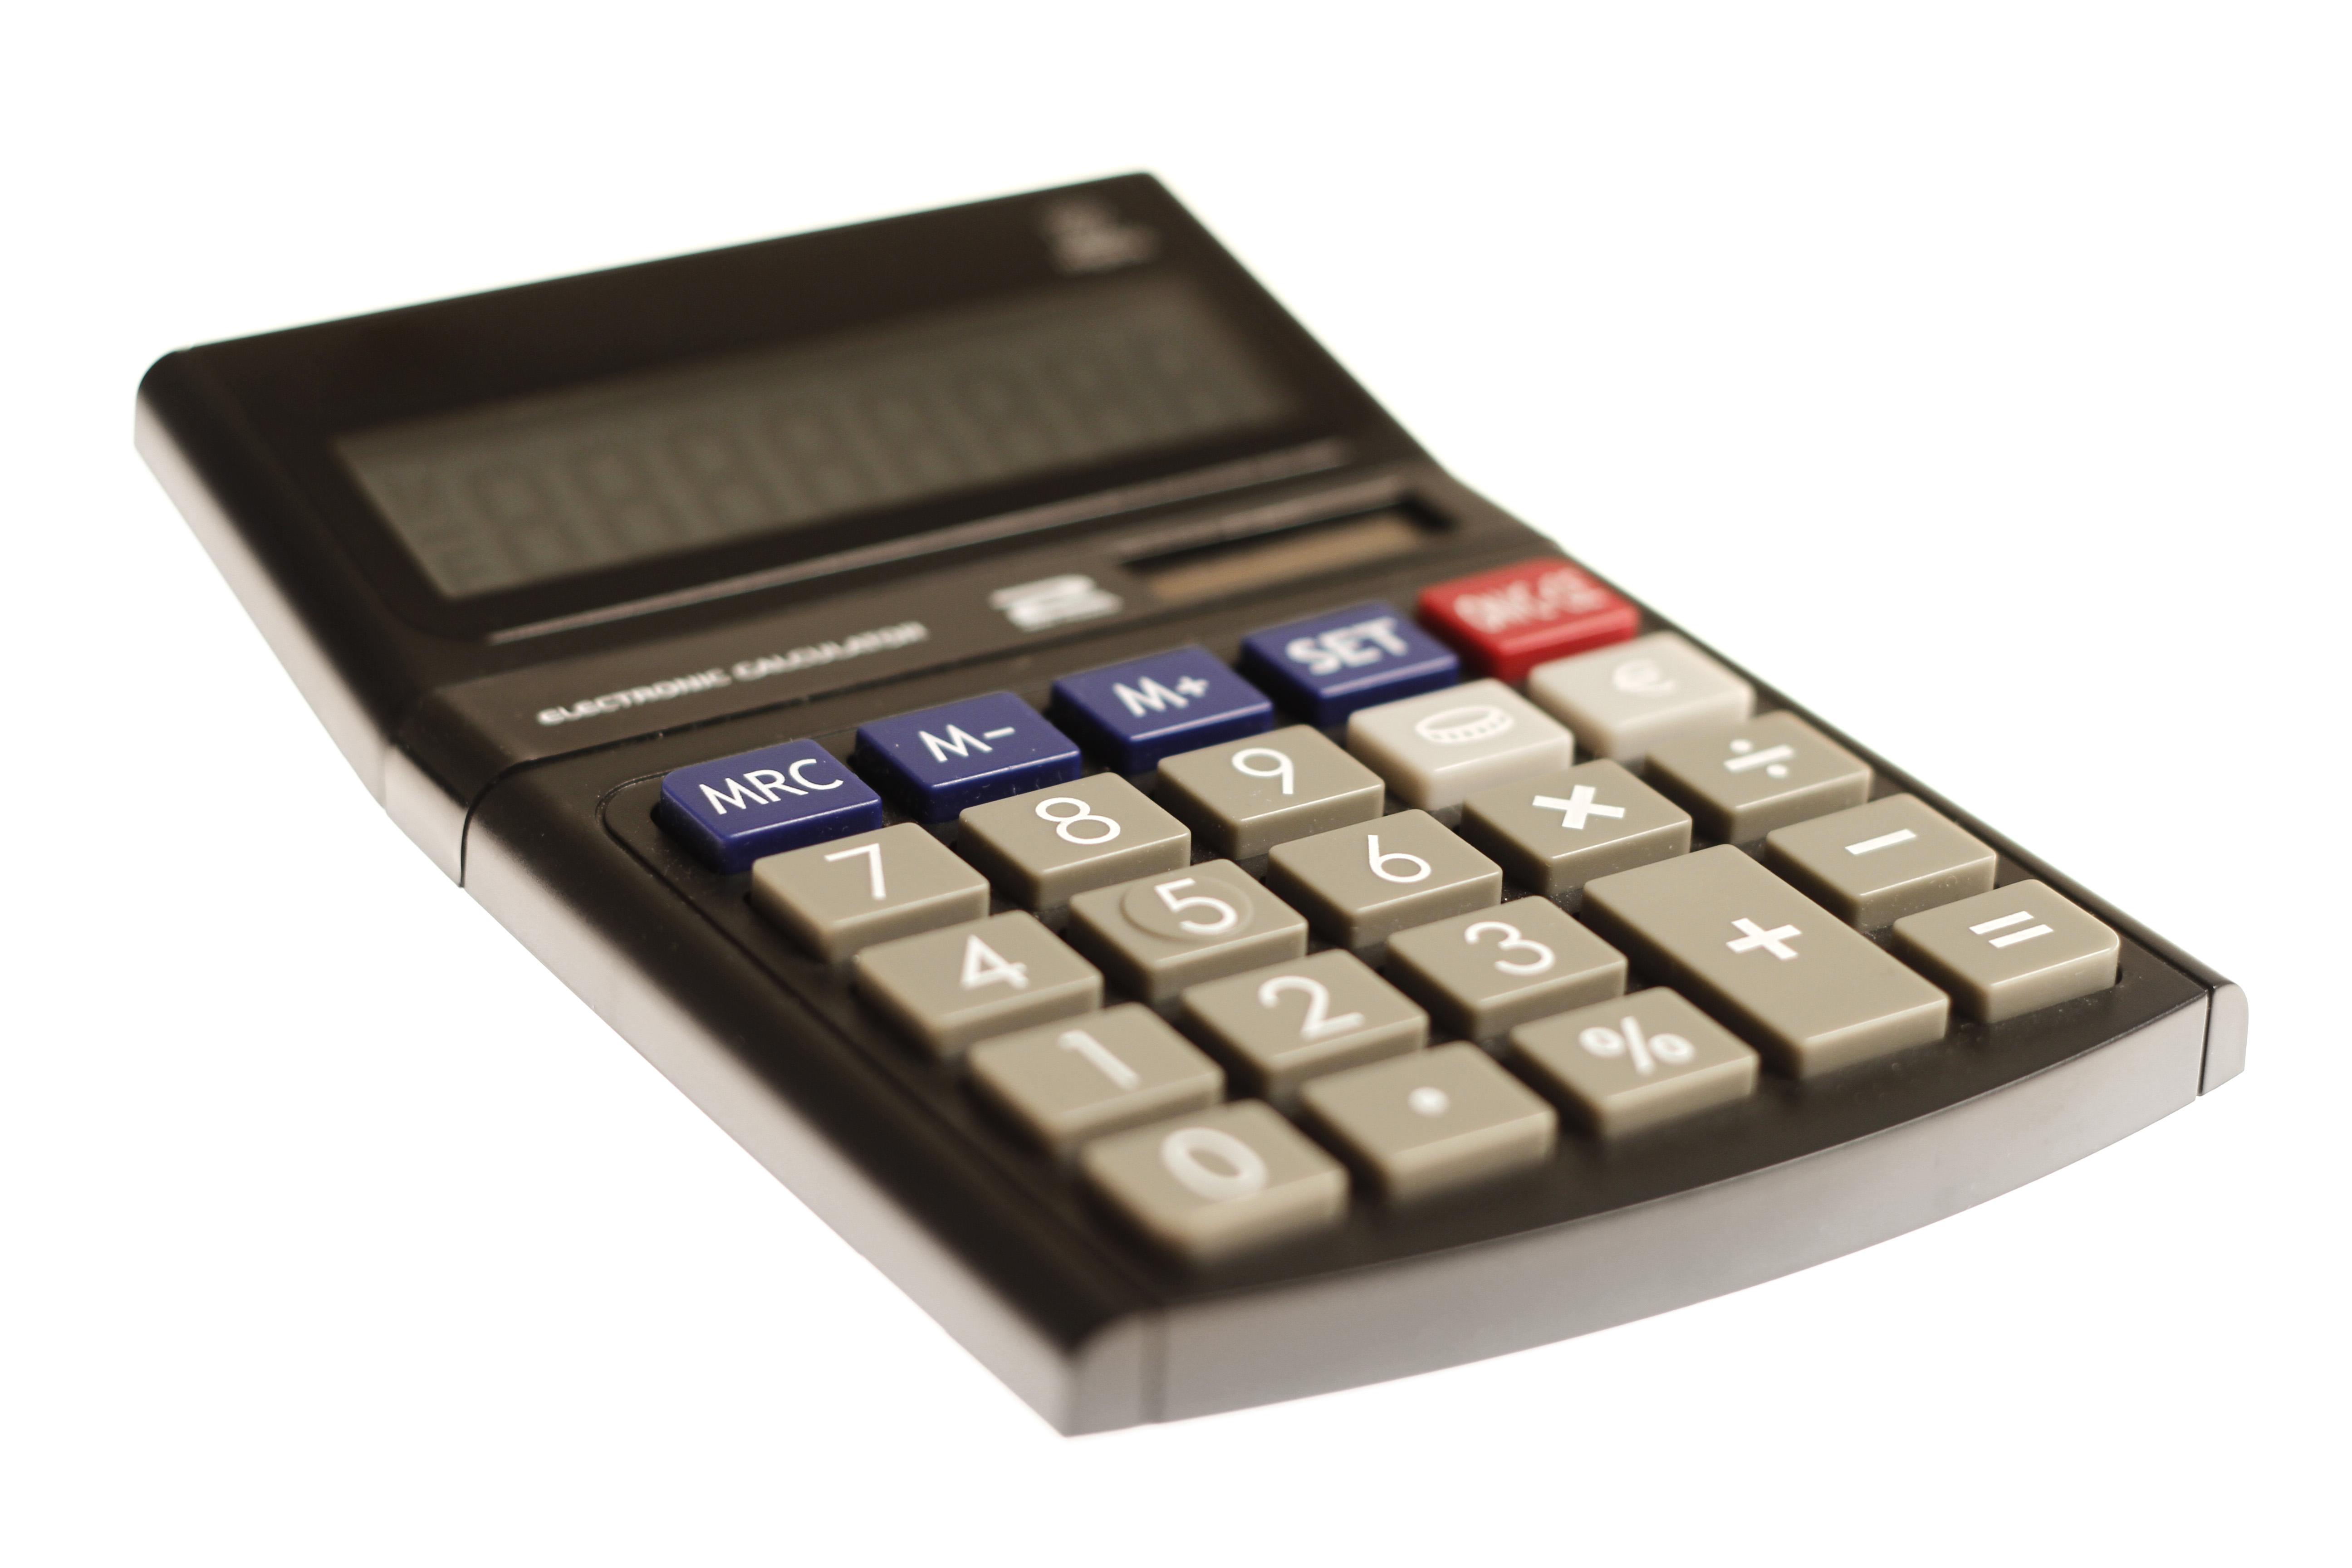 comissão quer saber se o valor de referência para o período de carência é 2.425 ou 2.829 euros